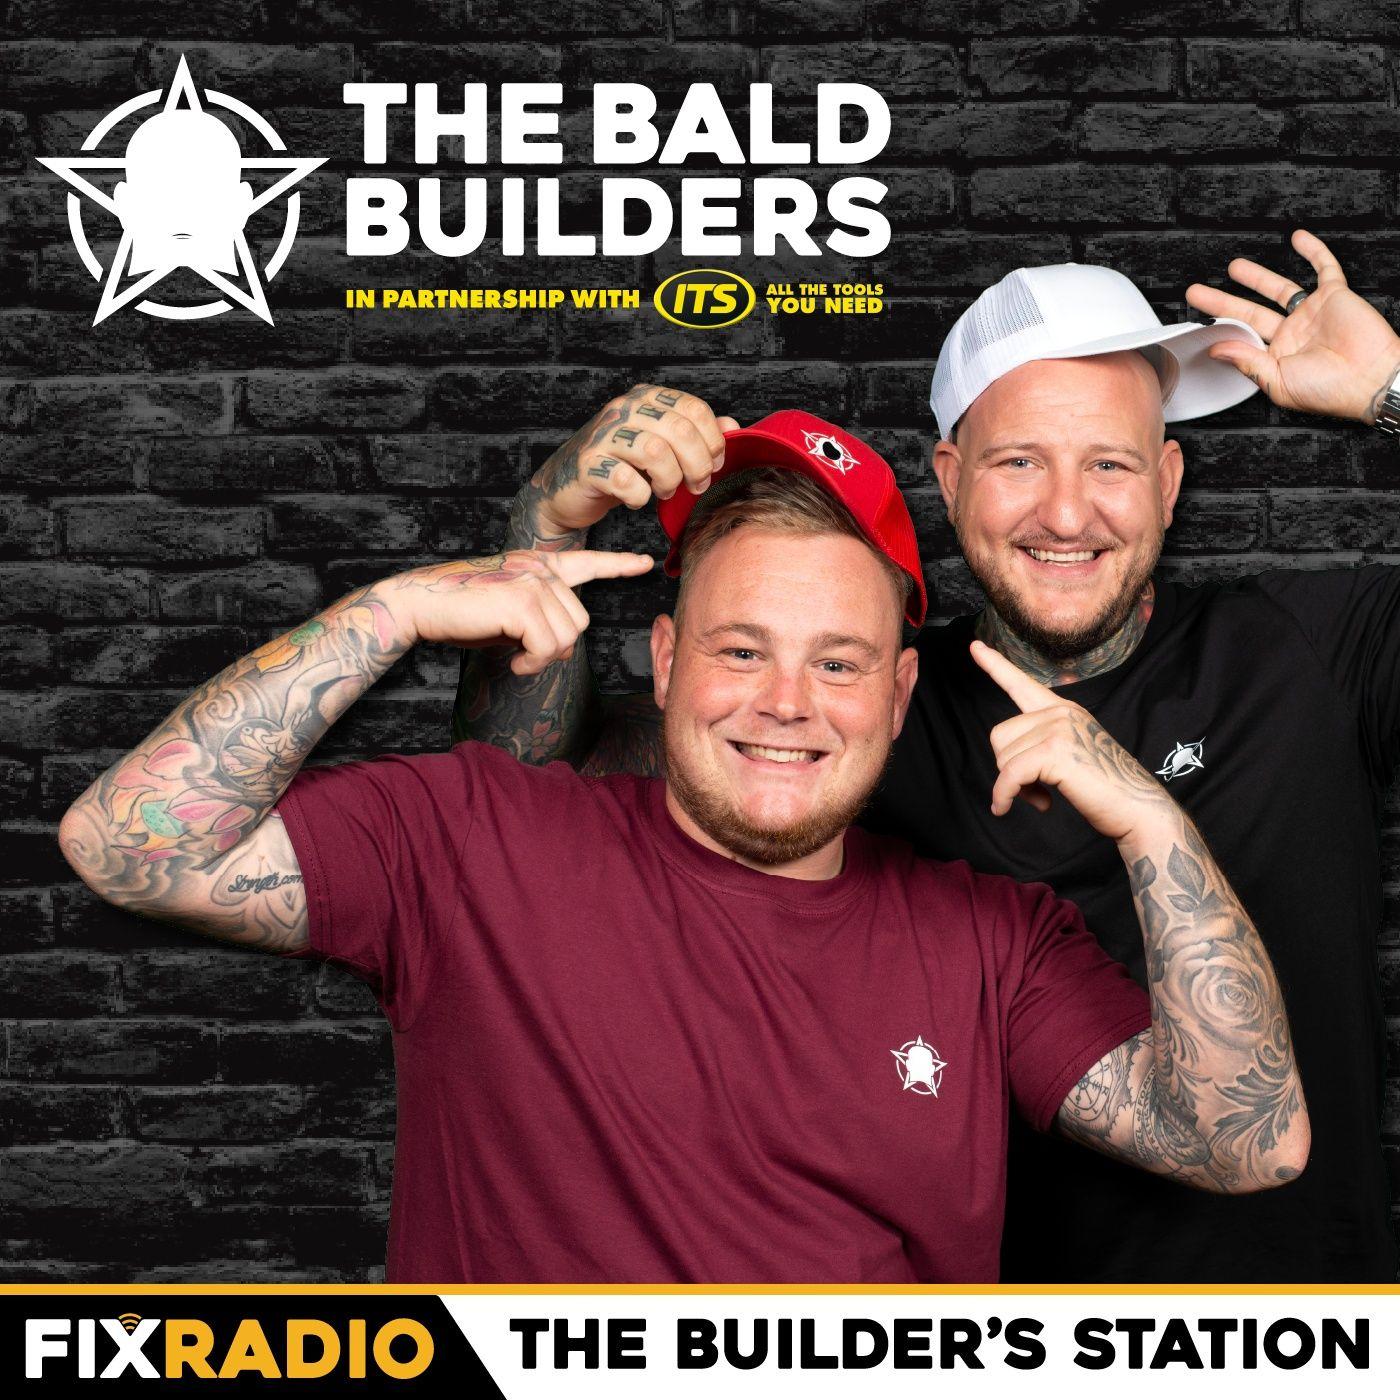 The Bald Builders